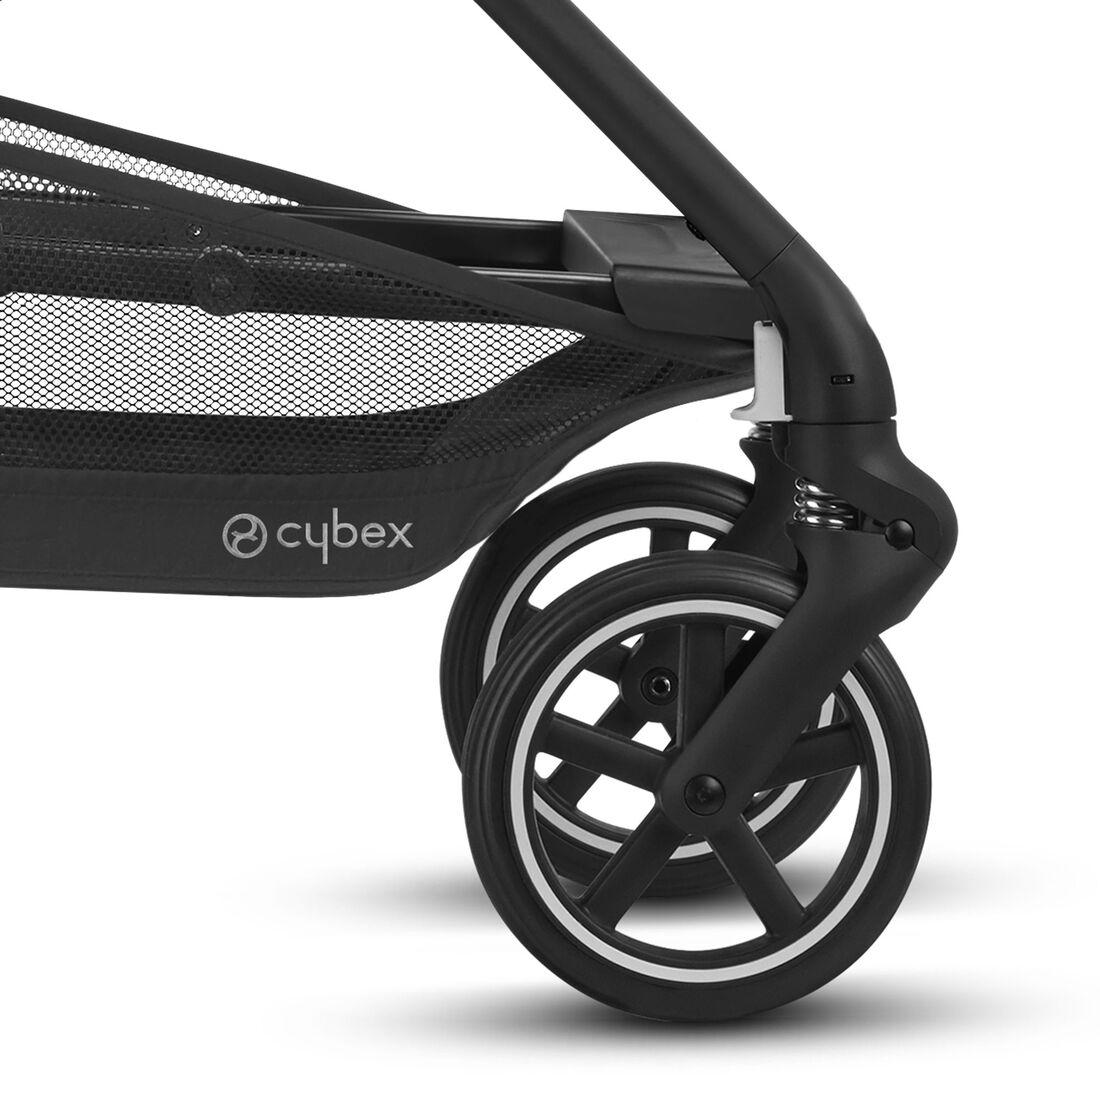 CYBEX Eezy S Twist+2 - Soho Grey (Schwarzer Rahmen) in Soho Grey (Black Frame) large Bild 5